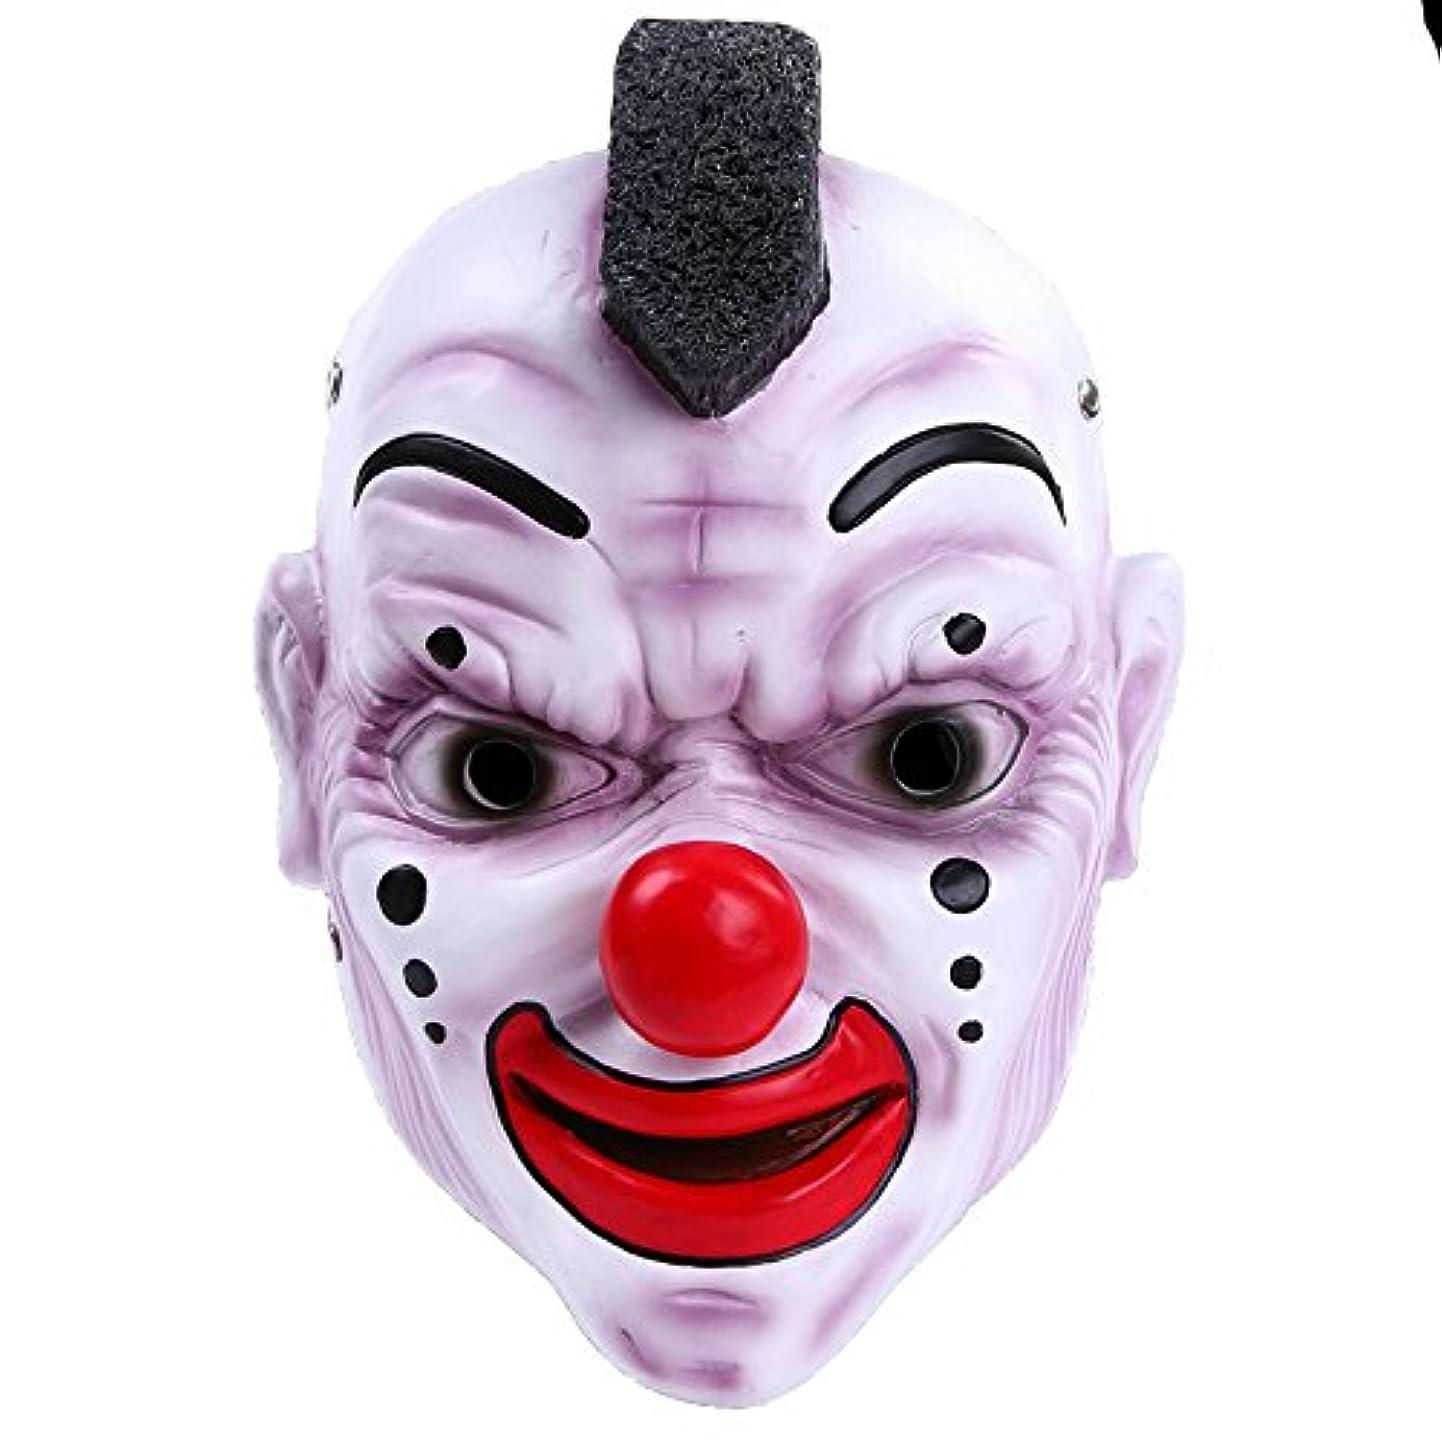 ベジタリアン憂鬱な失効ハロウィンバーパーティーマスクスカルバンドマスク赤い鼻ピエロマスク樹脂工芸品マスク